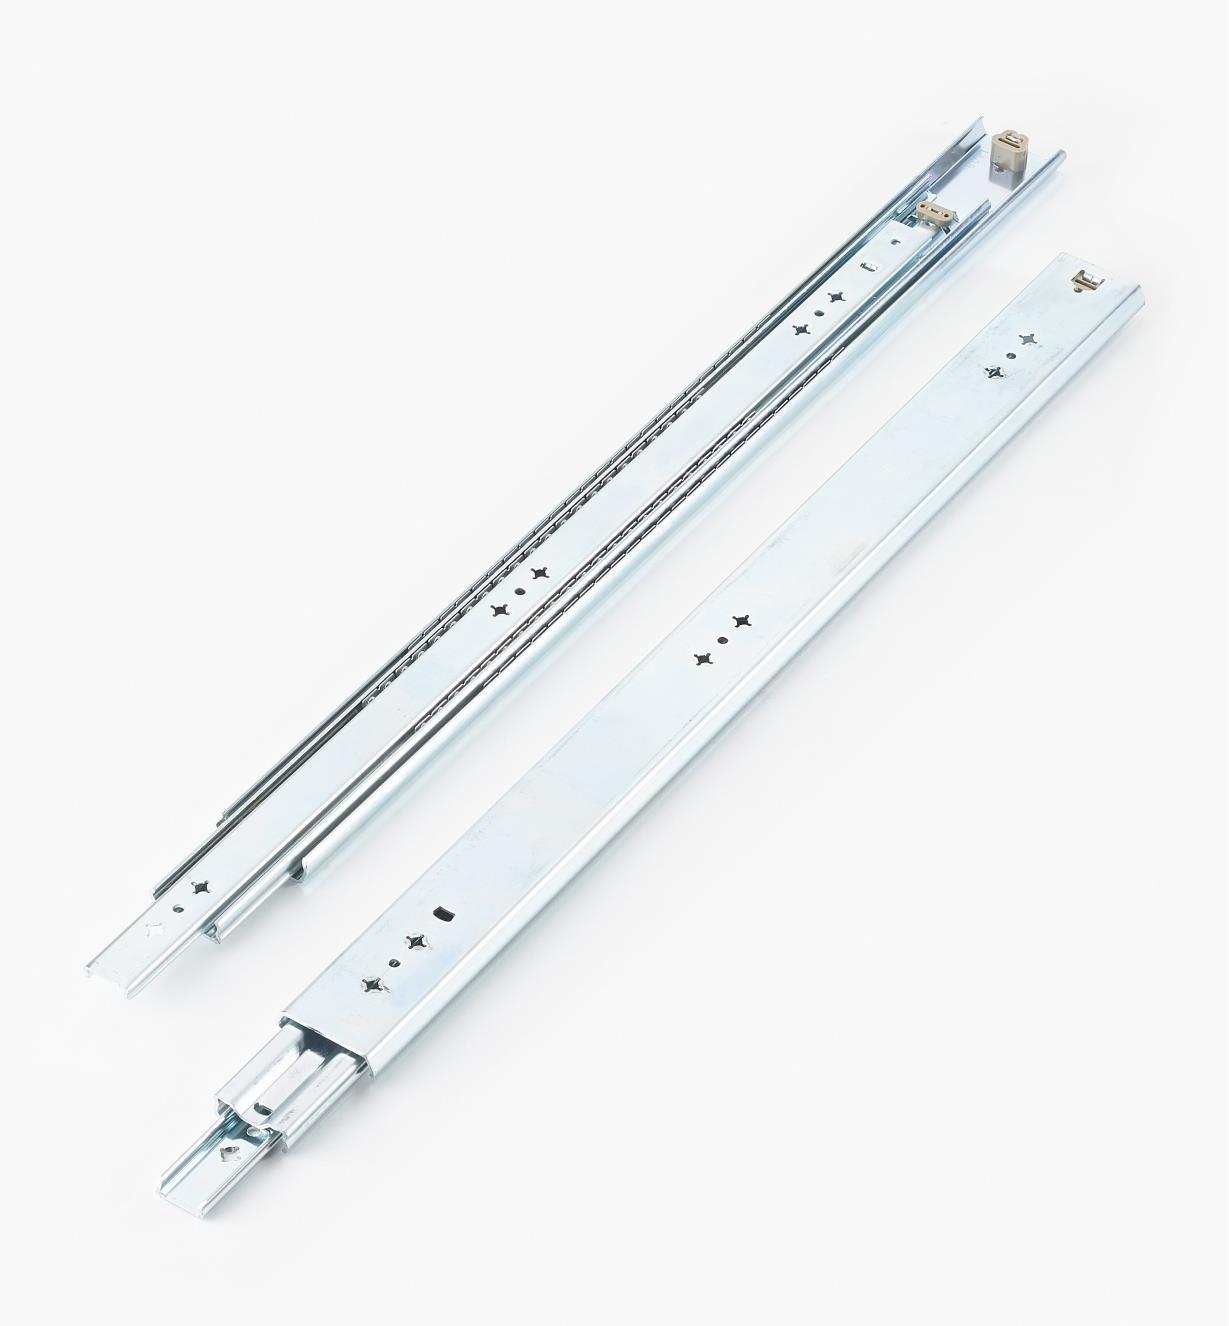 02K3226 - Coulisses de 26po (650mm) à extension complète pour charge de 200lb, la paire